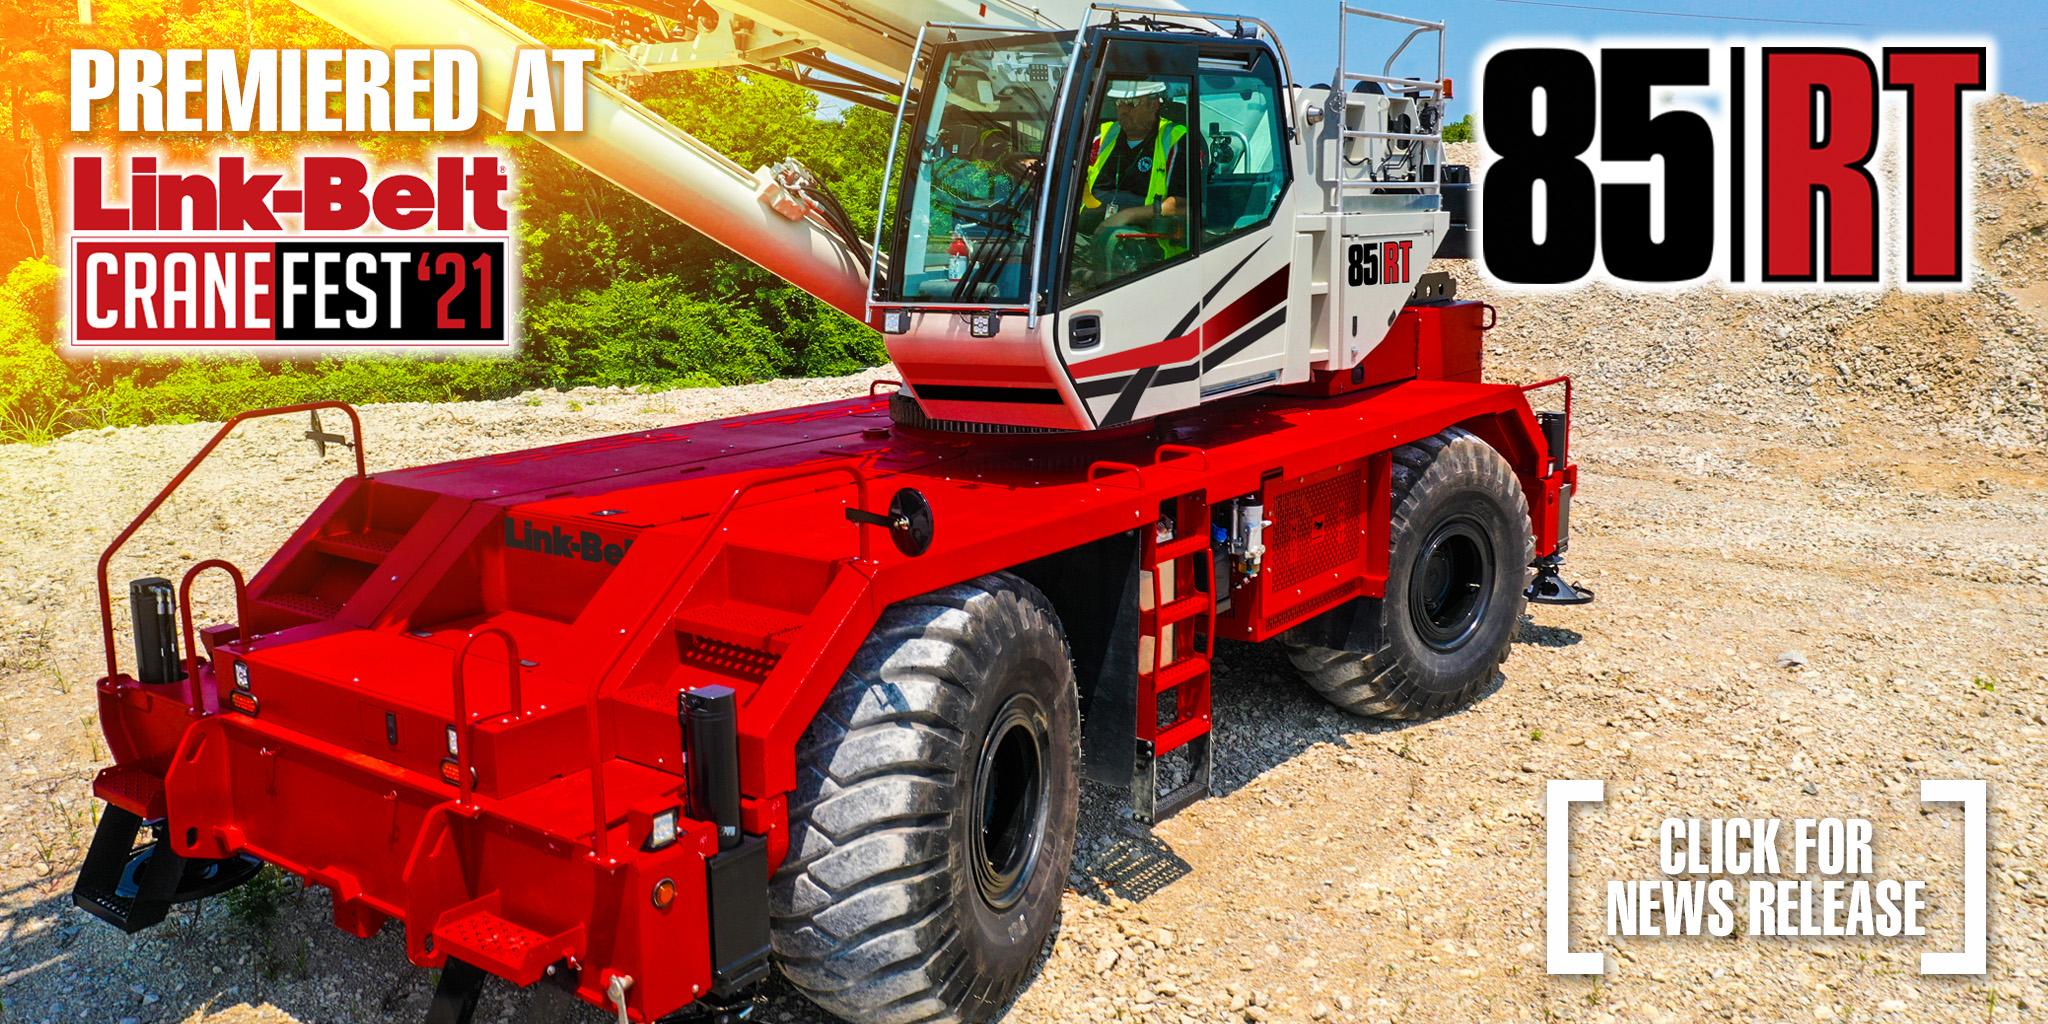 Link-Belt 85 RT rough terrain crane